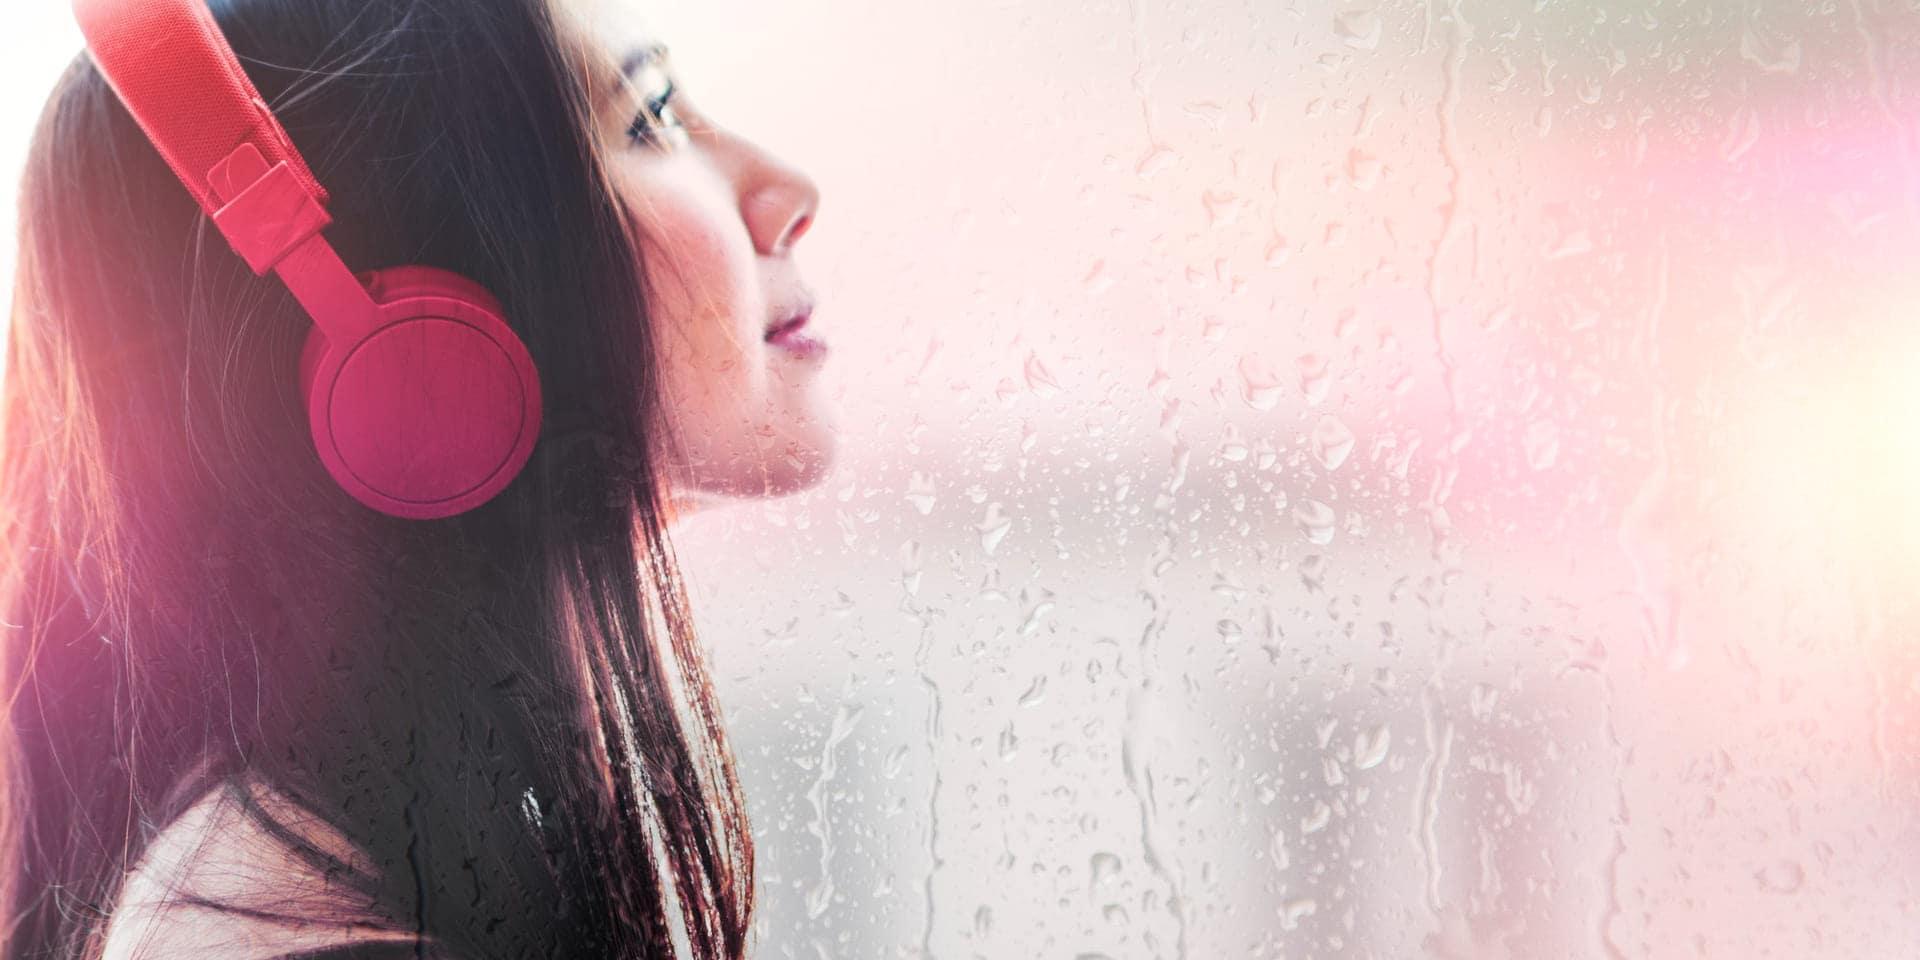 músicas para ouvir em tempos difíceis